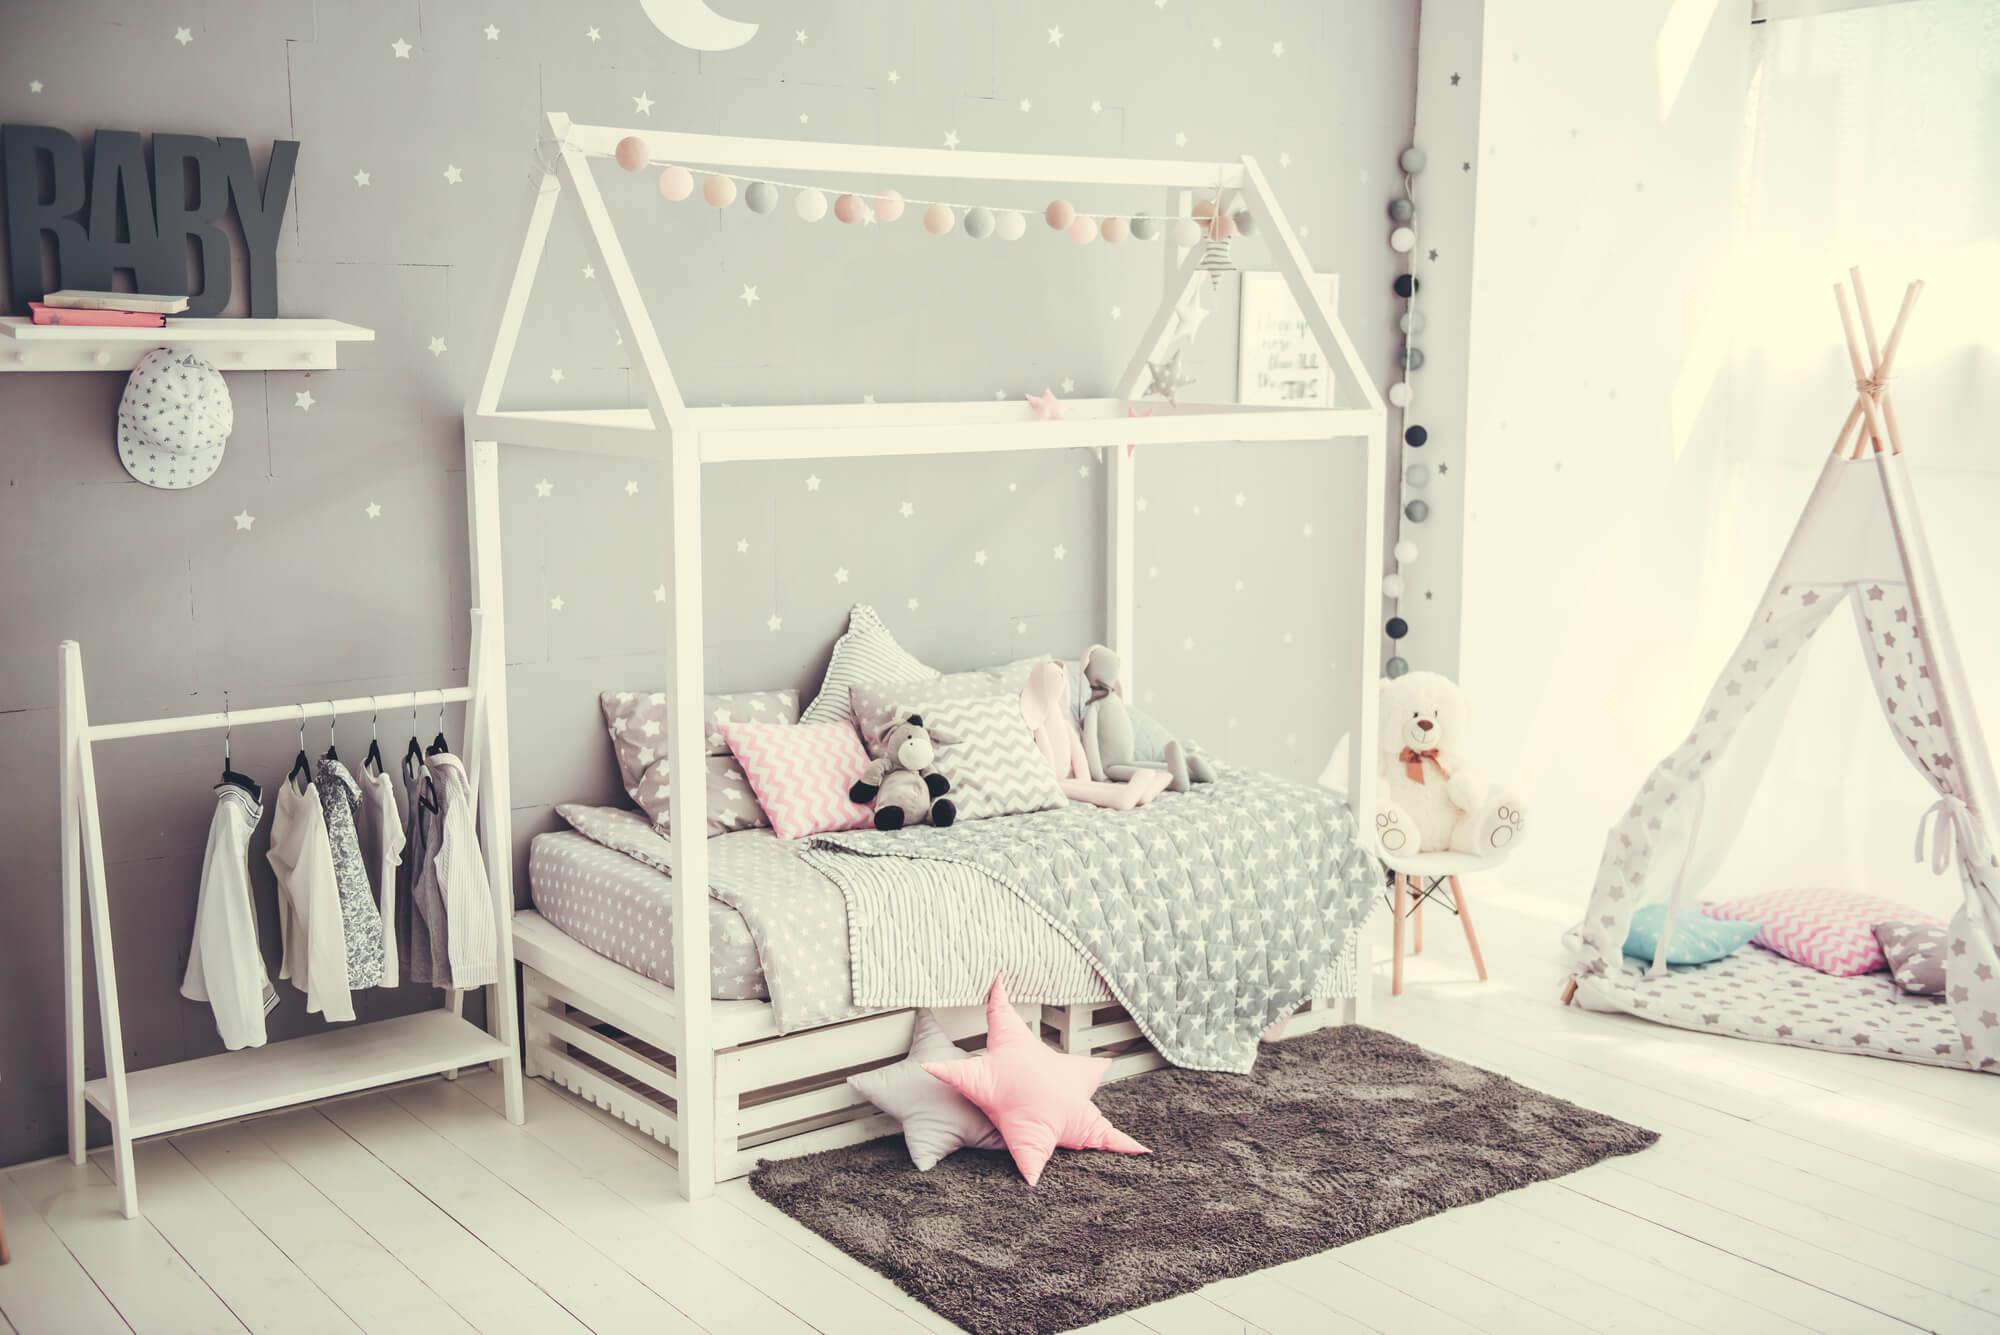 Cama montessoriana: o que é e como incluí-la na decoração do quarto